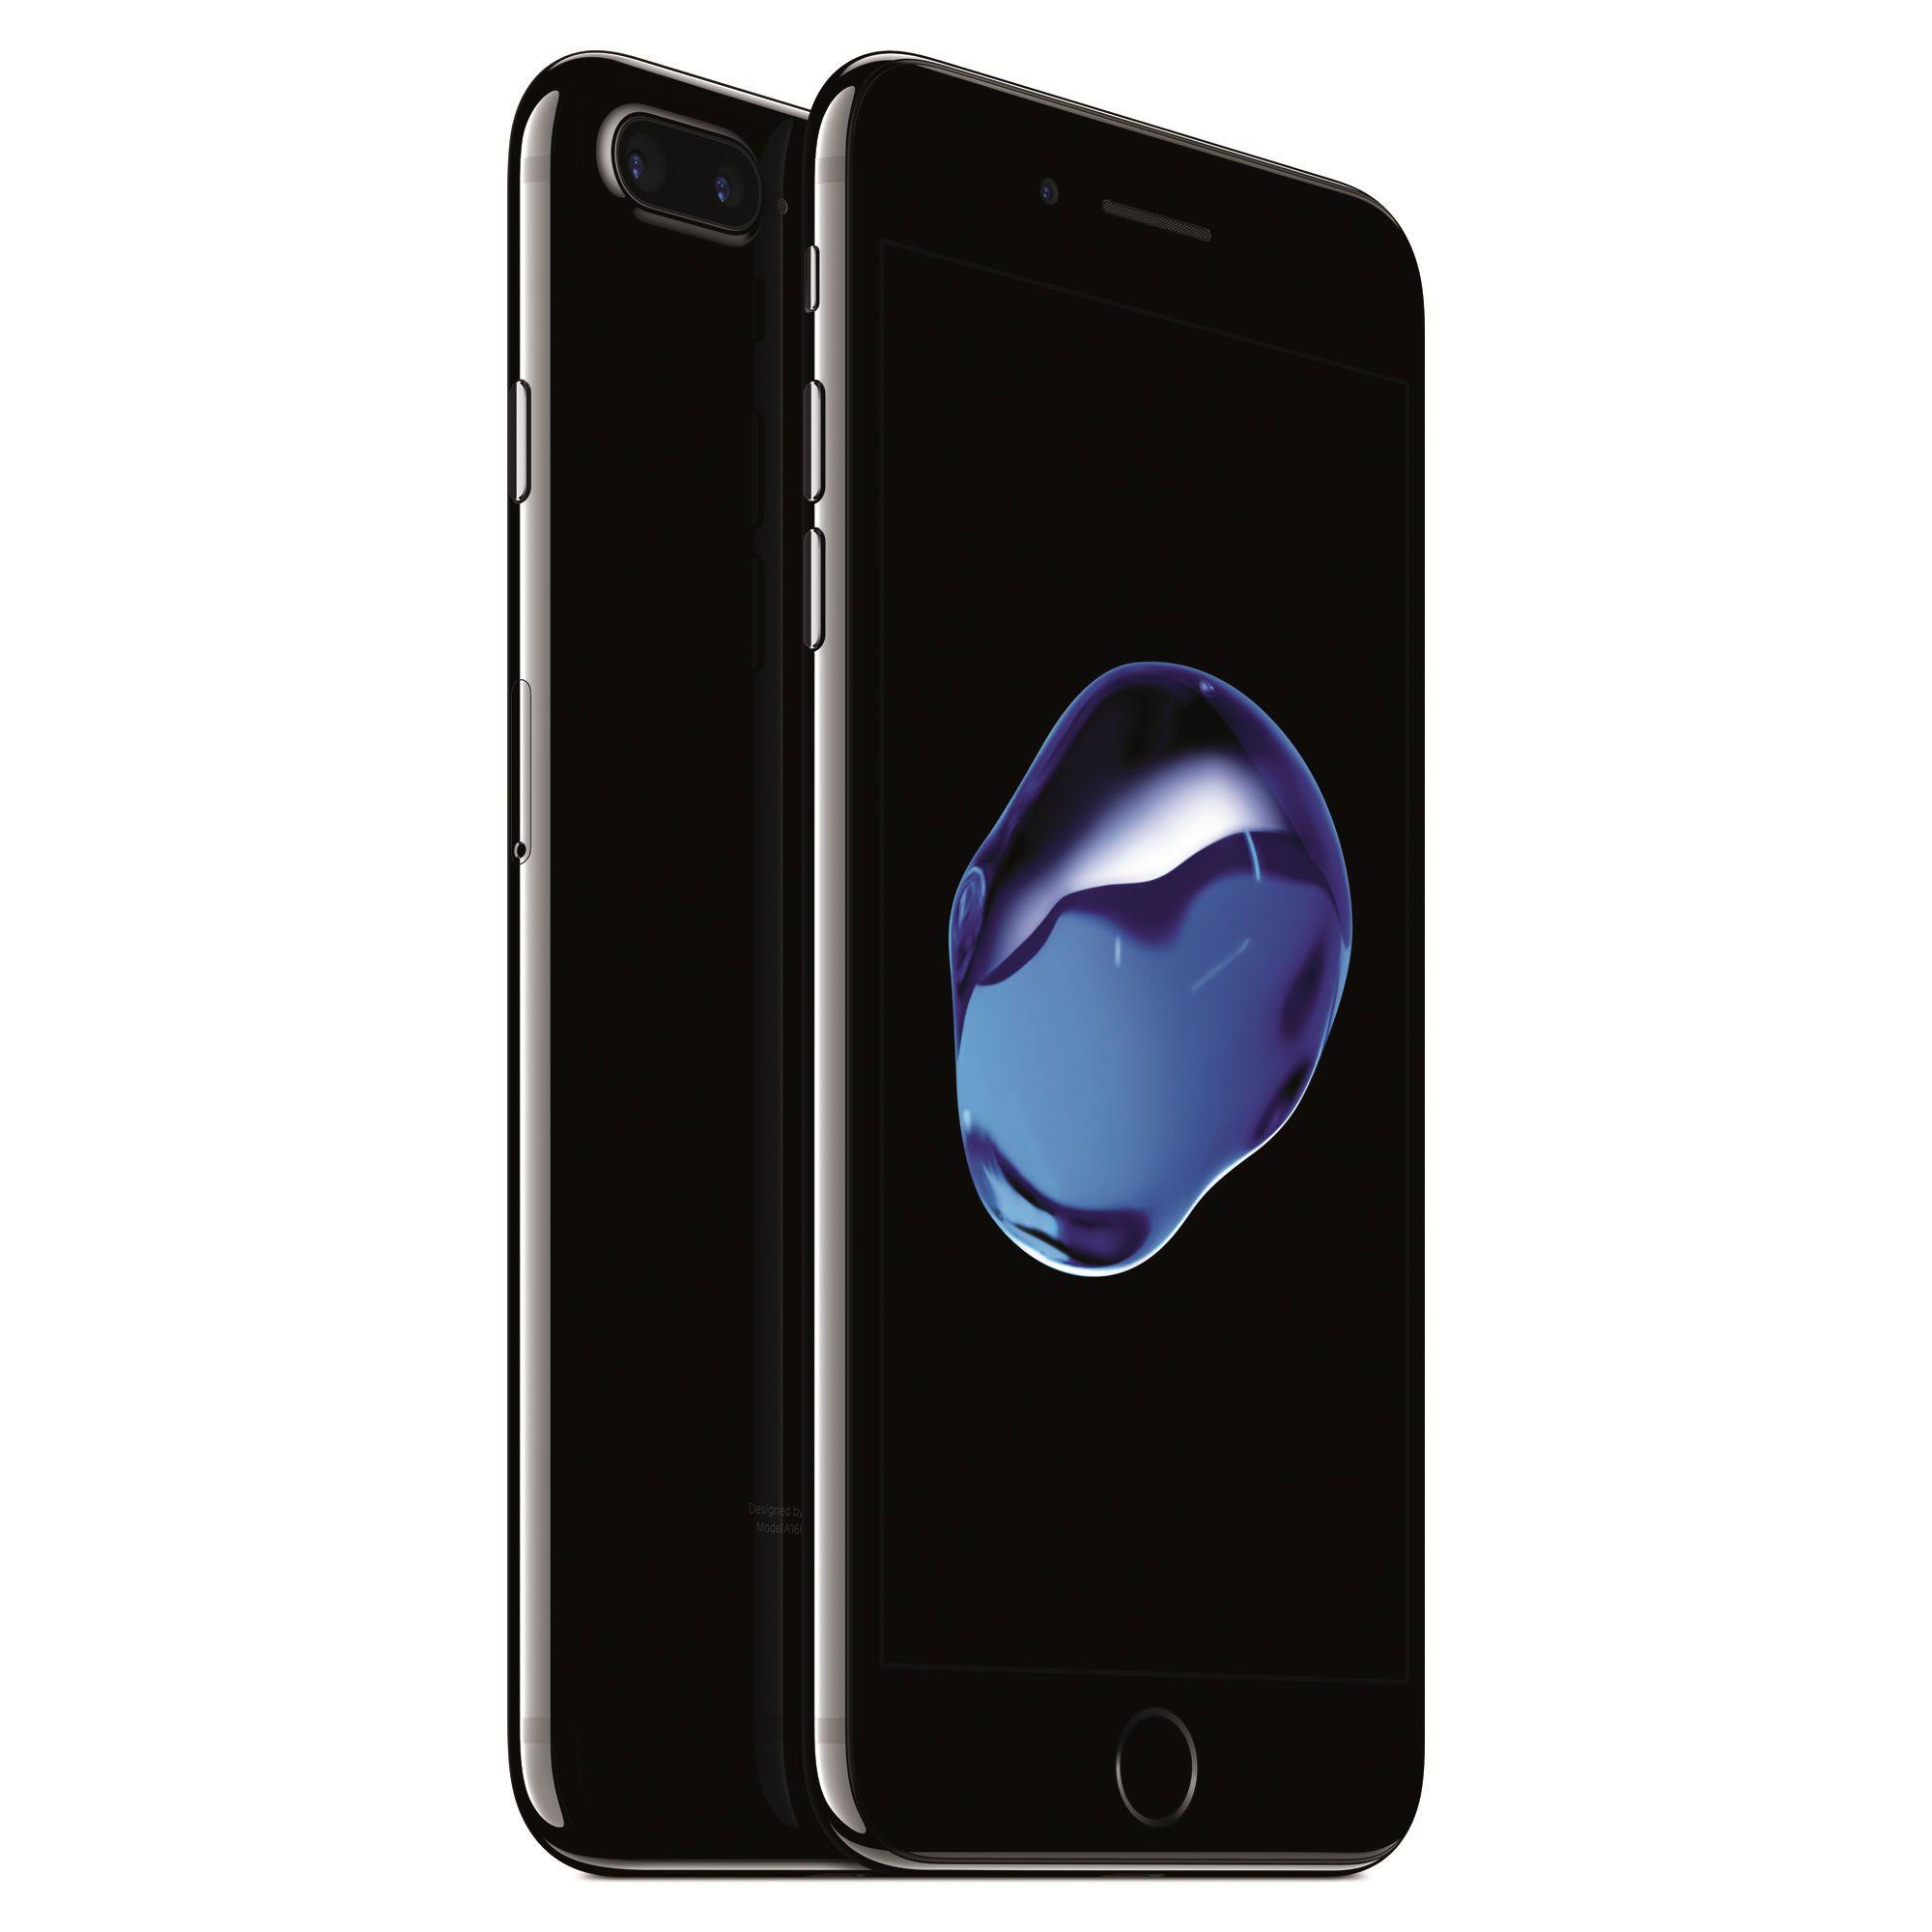 Apple Iphone 7 Plus 256gb Black Unlocked Usediphones Usediphone7plus Usediphoneunlocked Usediphoneforsale In 2020 Iphone 7 Plus Iphone Apple Iphone